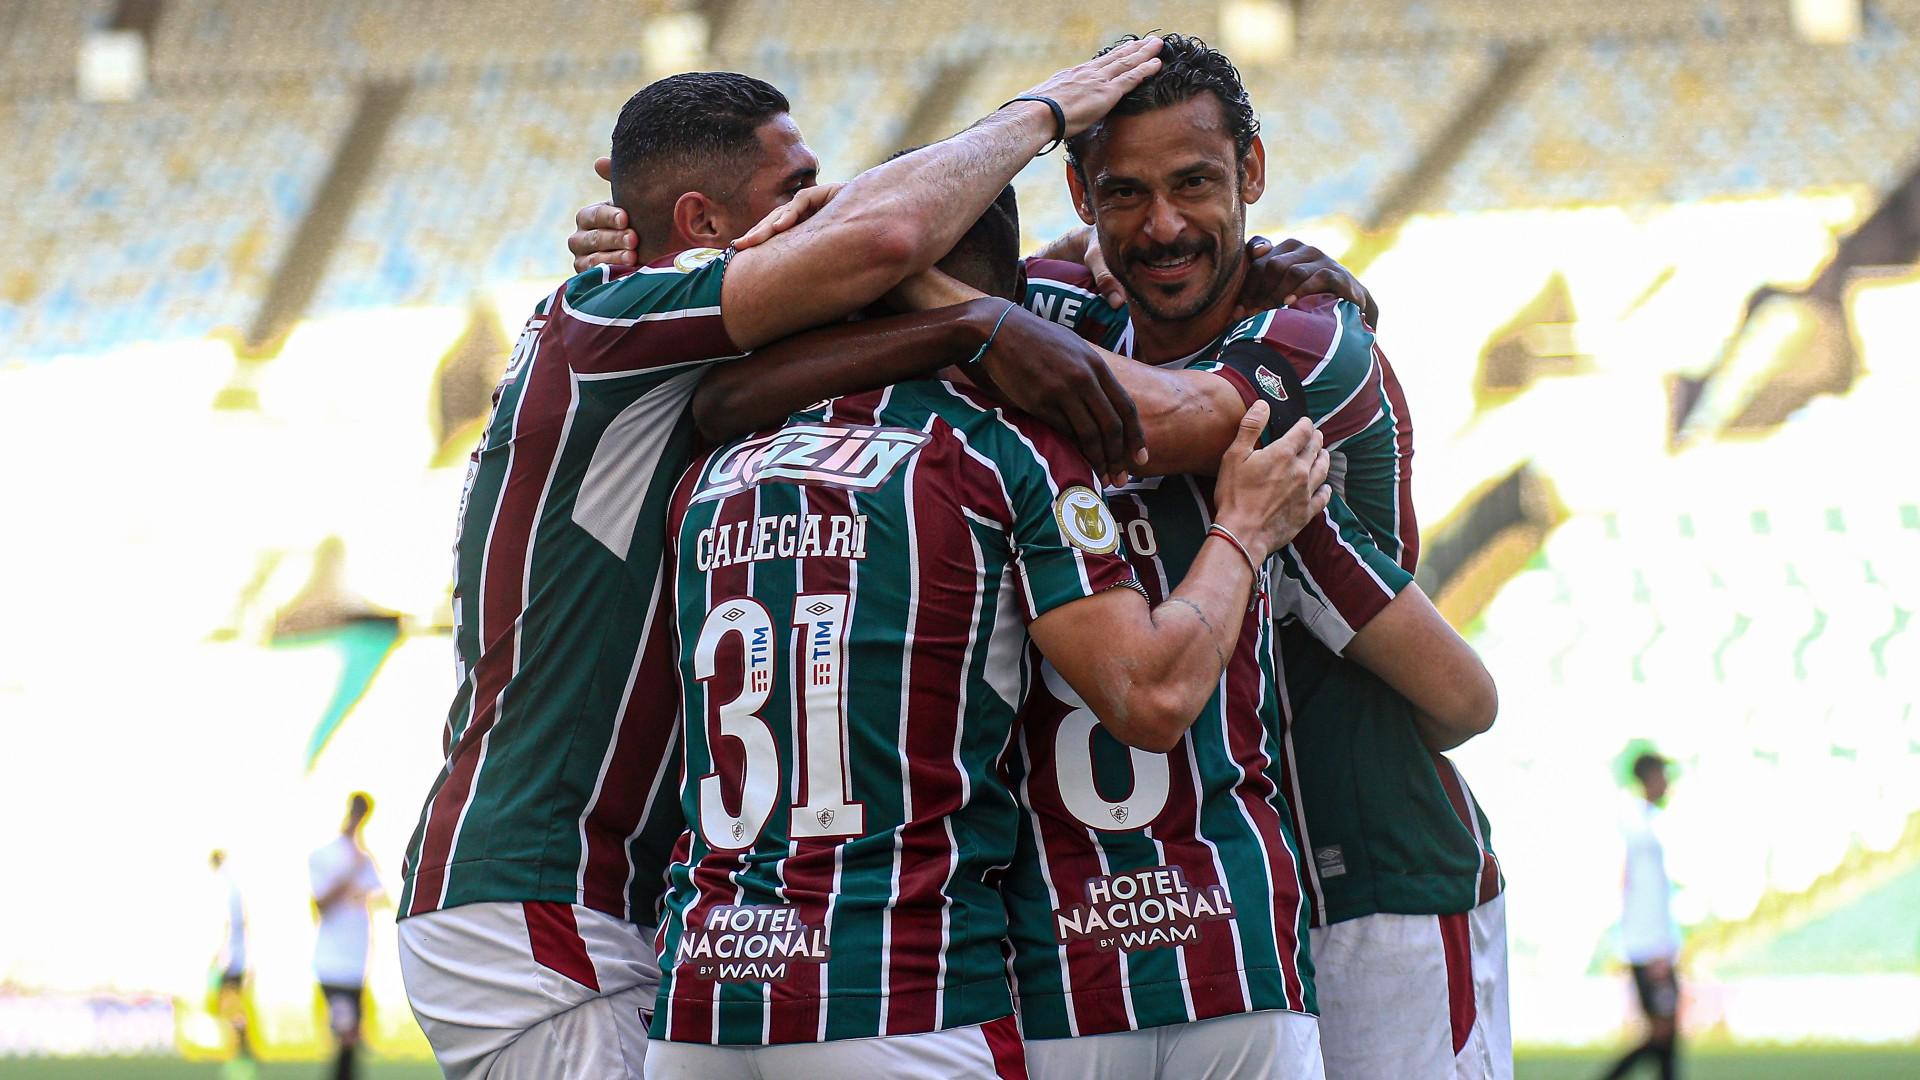 Fred sai em defesa de volante do Fluminense após críticas de torcedores: 'O mais completo'